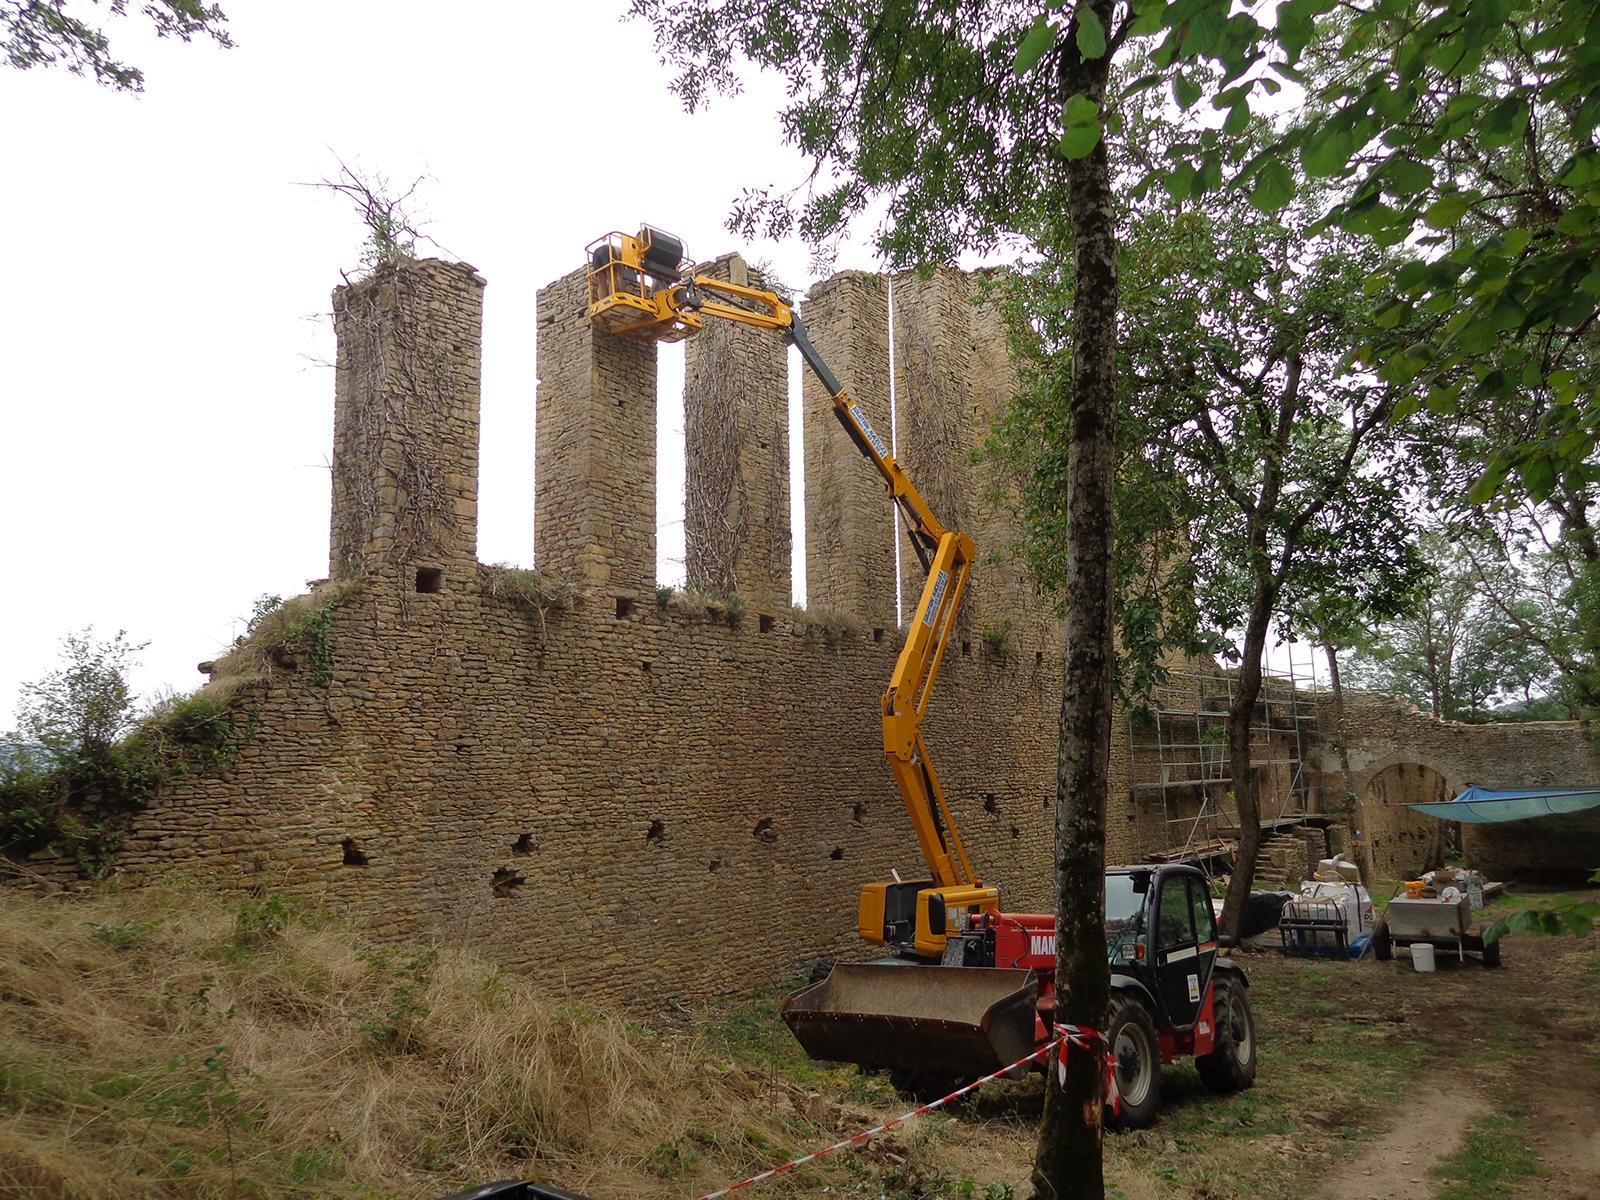 Lambert Cyril Cluny Etrigny Mancey Lournand Chateau Lourdon